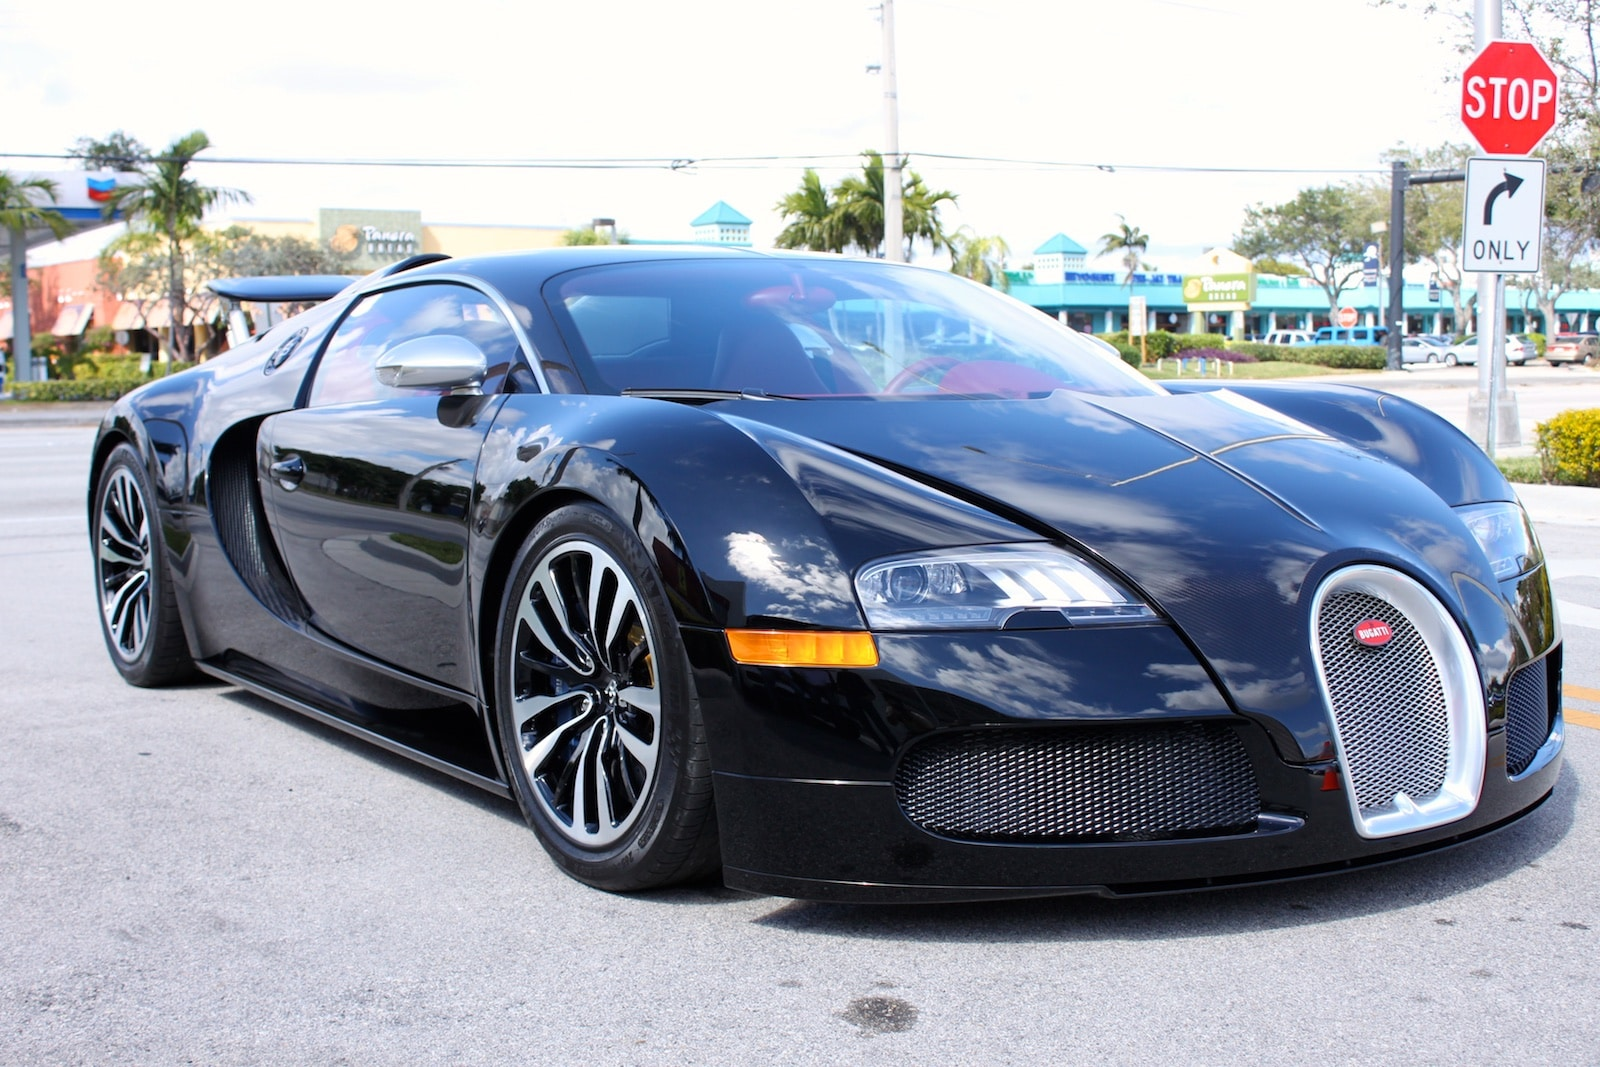 used 2010 bugatti veyron eb 16 4 sang noir for sale fort lauderdale fl vin vf9sc2c27am795238. Black Bedroom Furniture Sets. Home Design Ideas